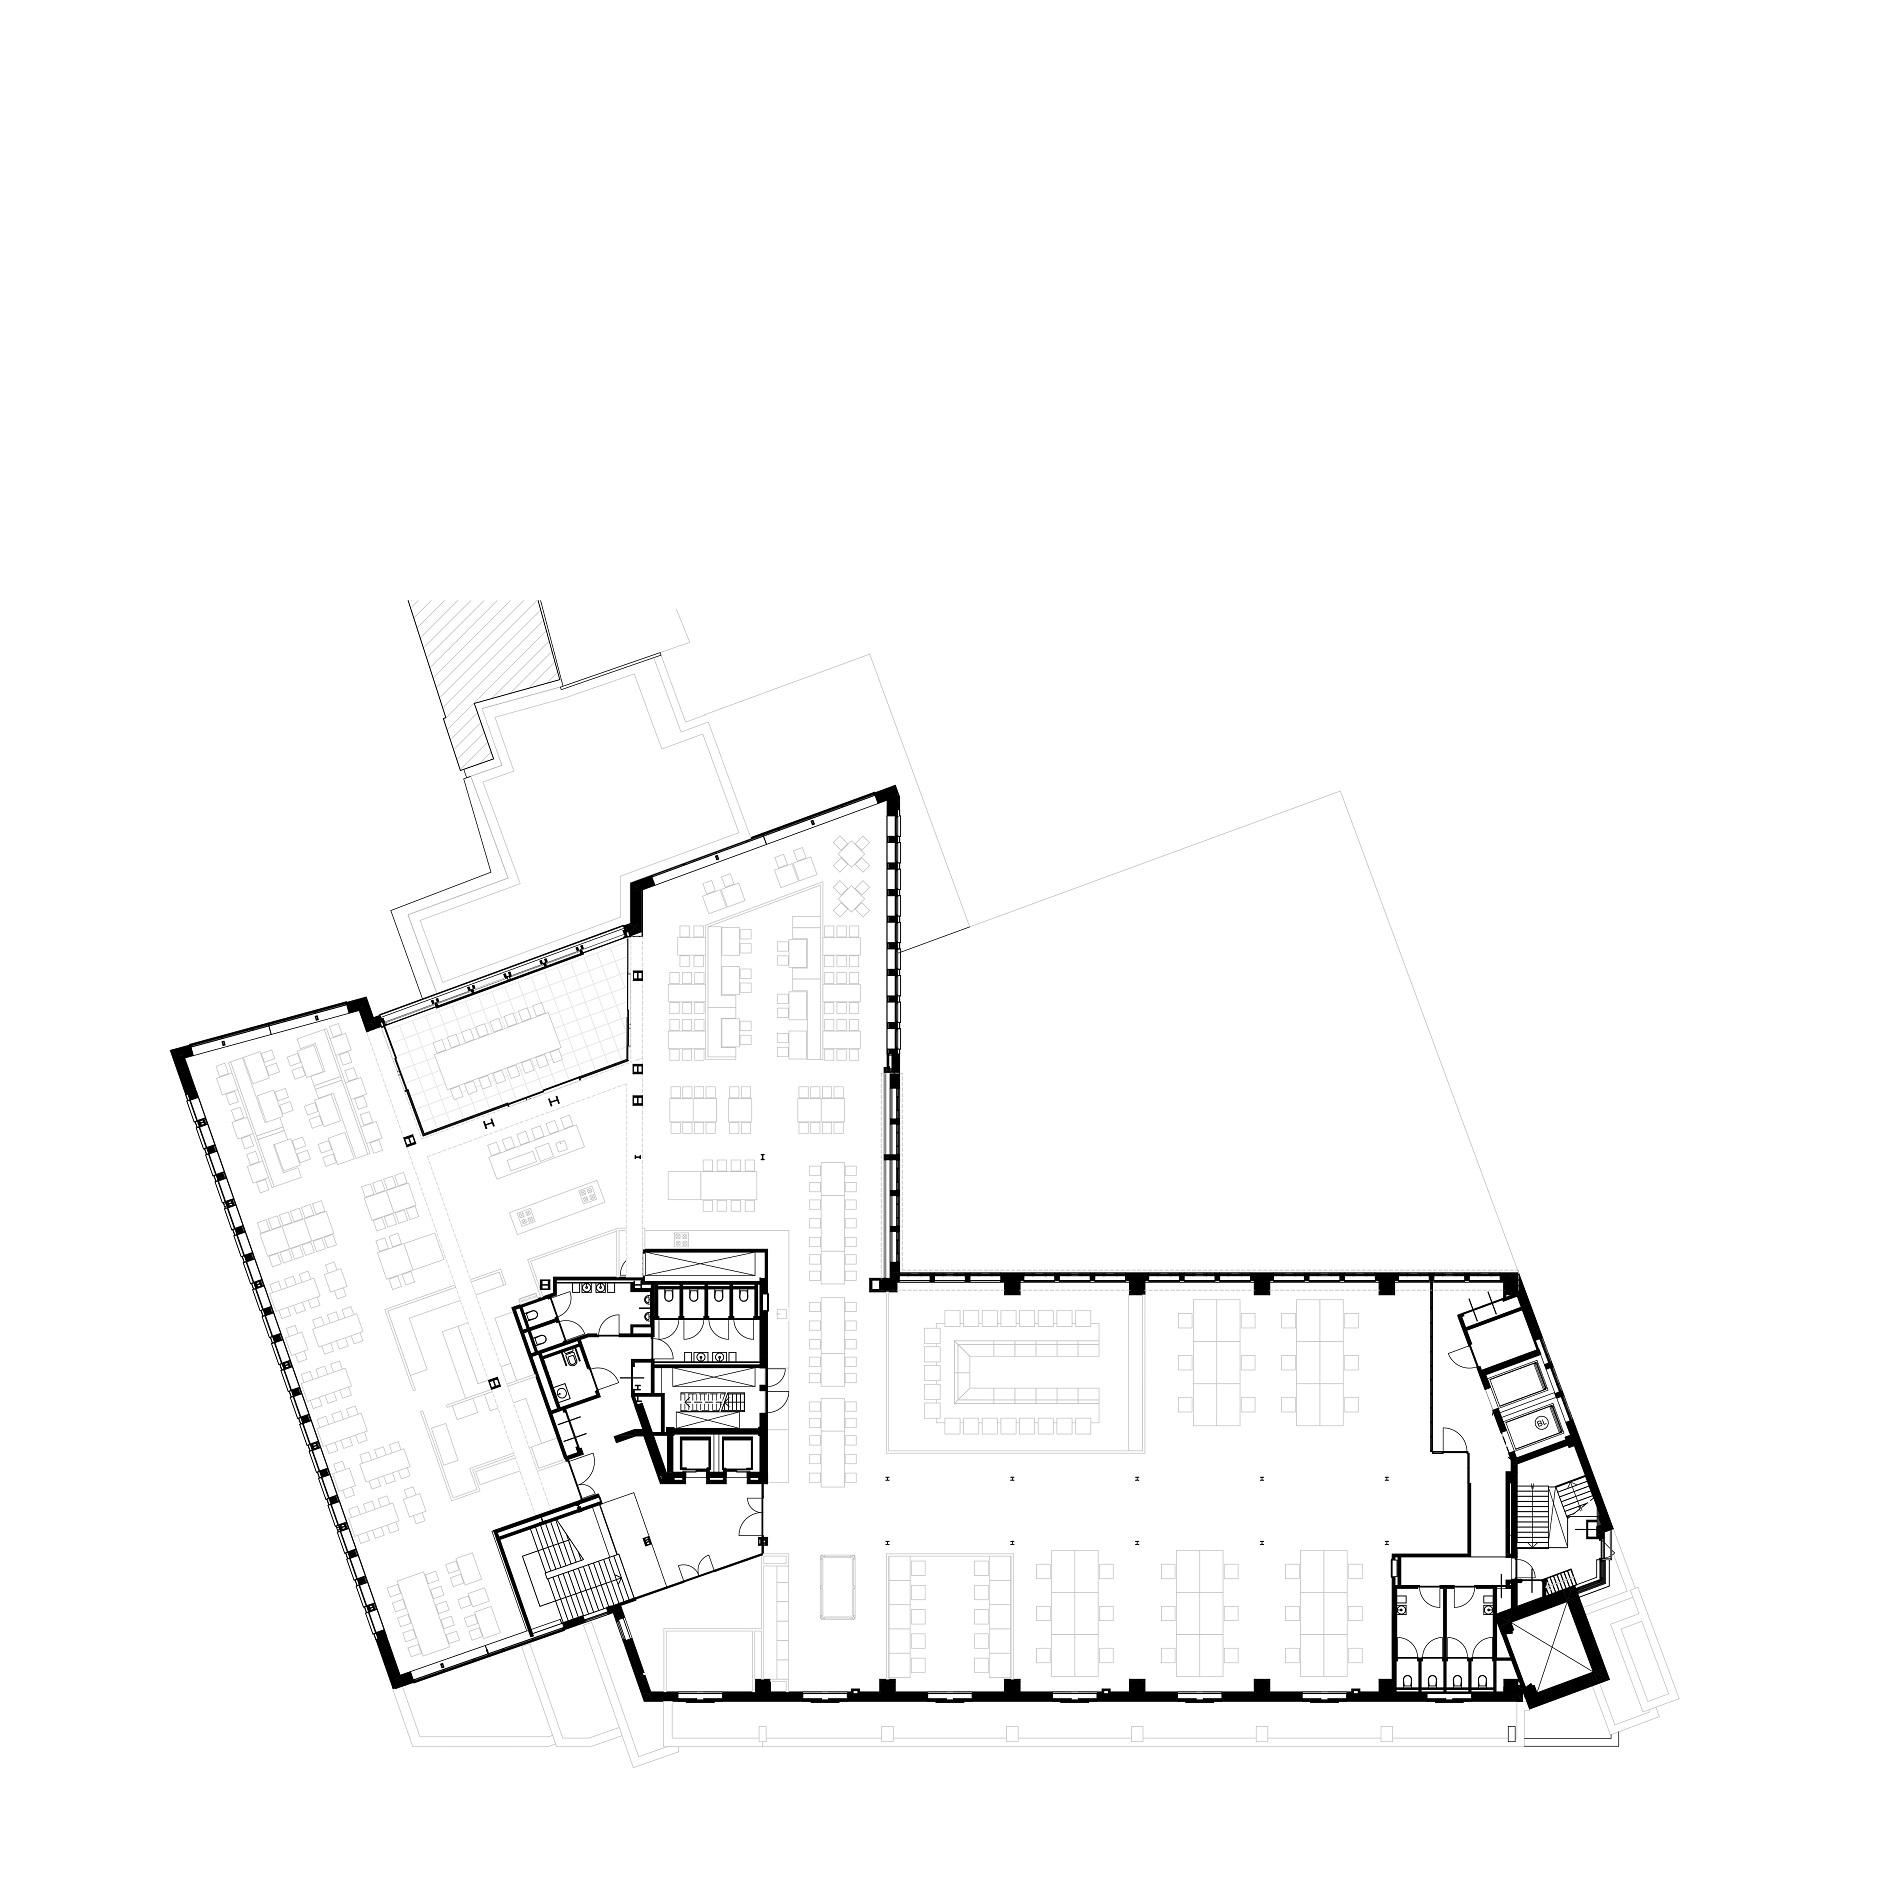 Plattegrond 5e verdieping van Nieuwezijds Voorburgwal 225 door Rijnboutt